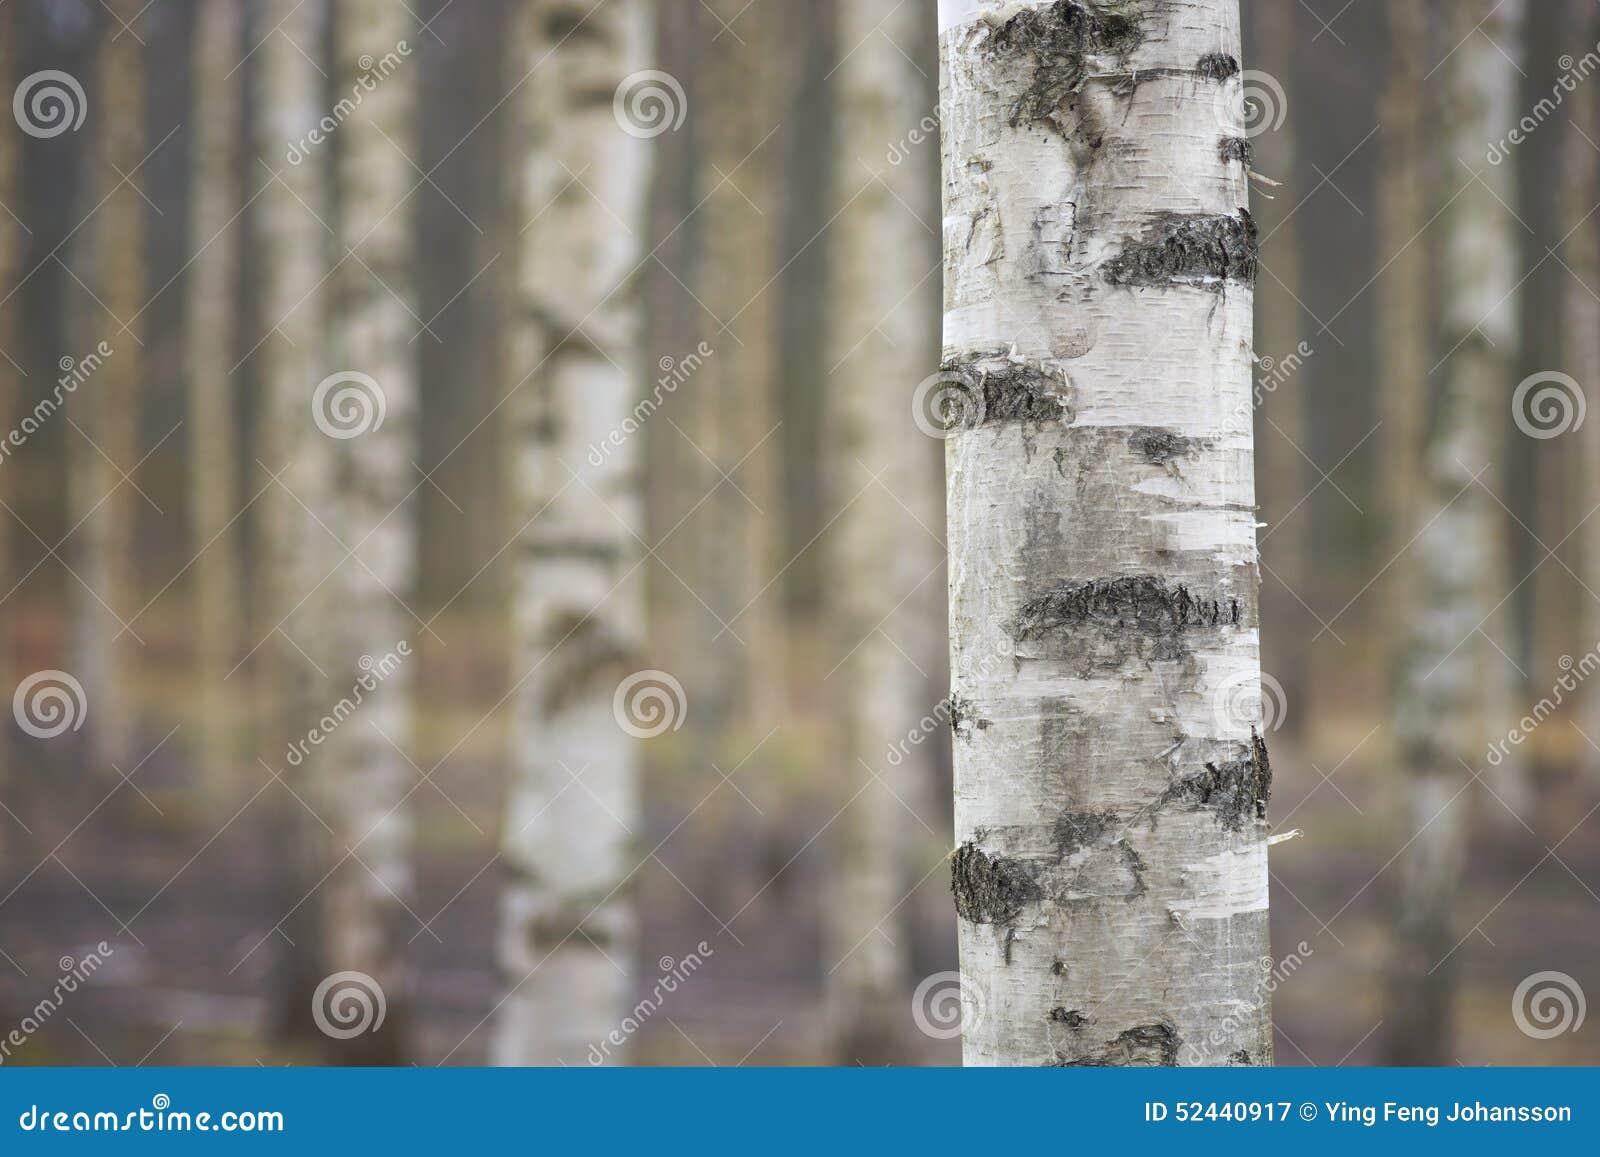 tronc d 39 arbre de bouleau photo stock image 52440917. Black Bedroom Furniture Sets. Home Design Ideas